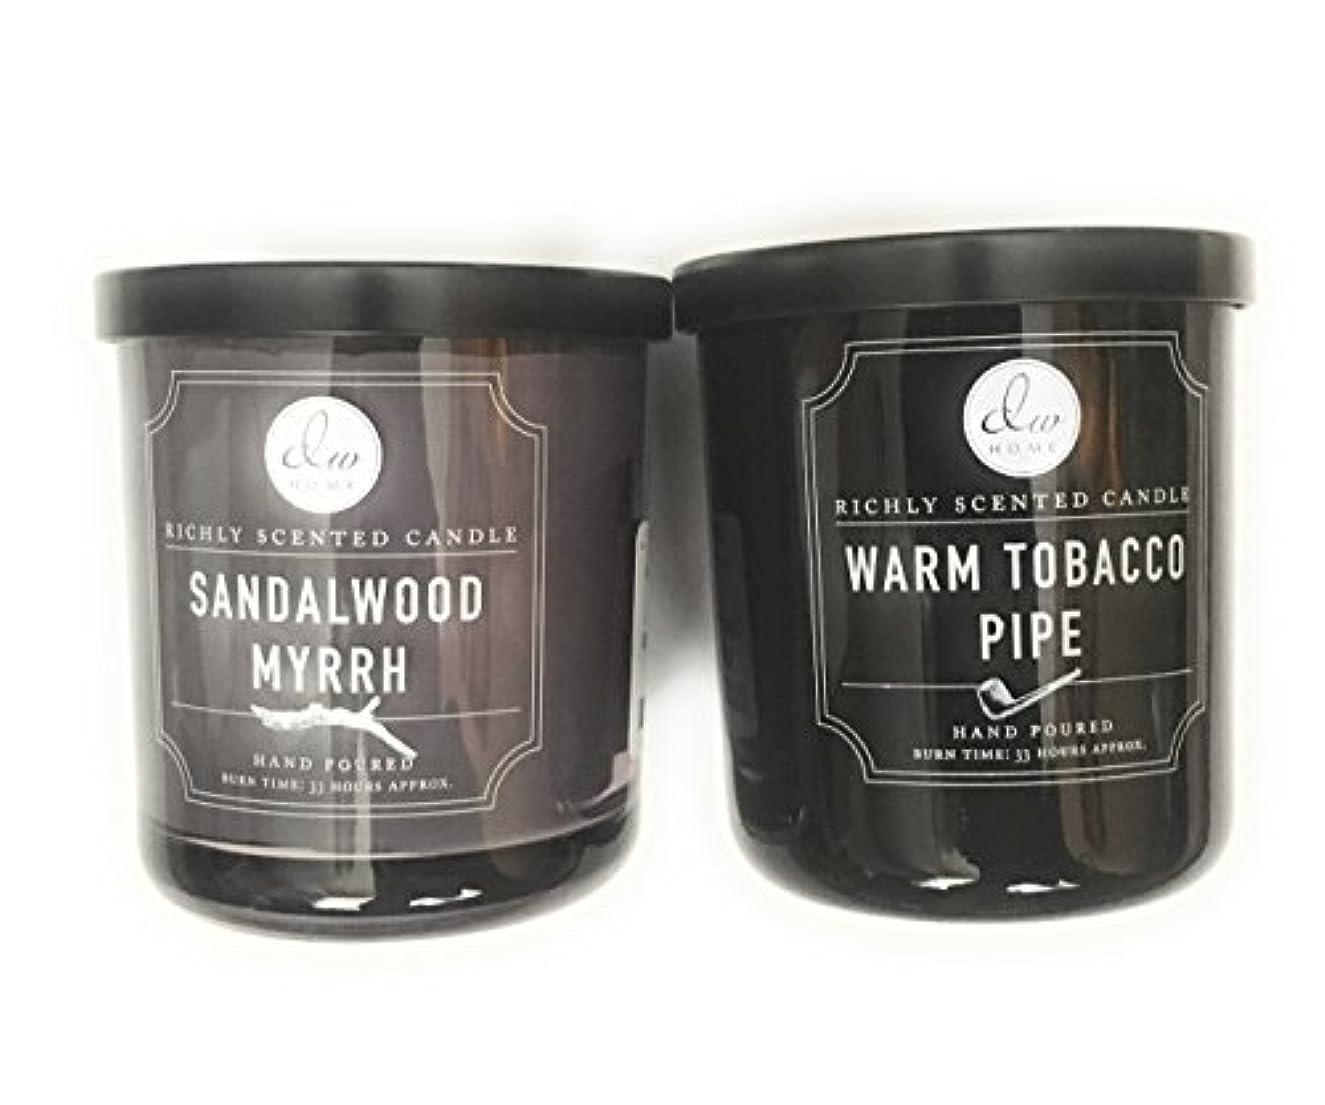 落とし穴根拠乗り出すDW Home Candle Bundle with a Warm Tobacco Pipe (290ml) Candle and a Sandalwood and Myrrh (290ml) Candle (2 items)